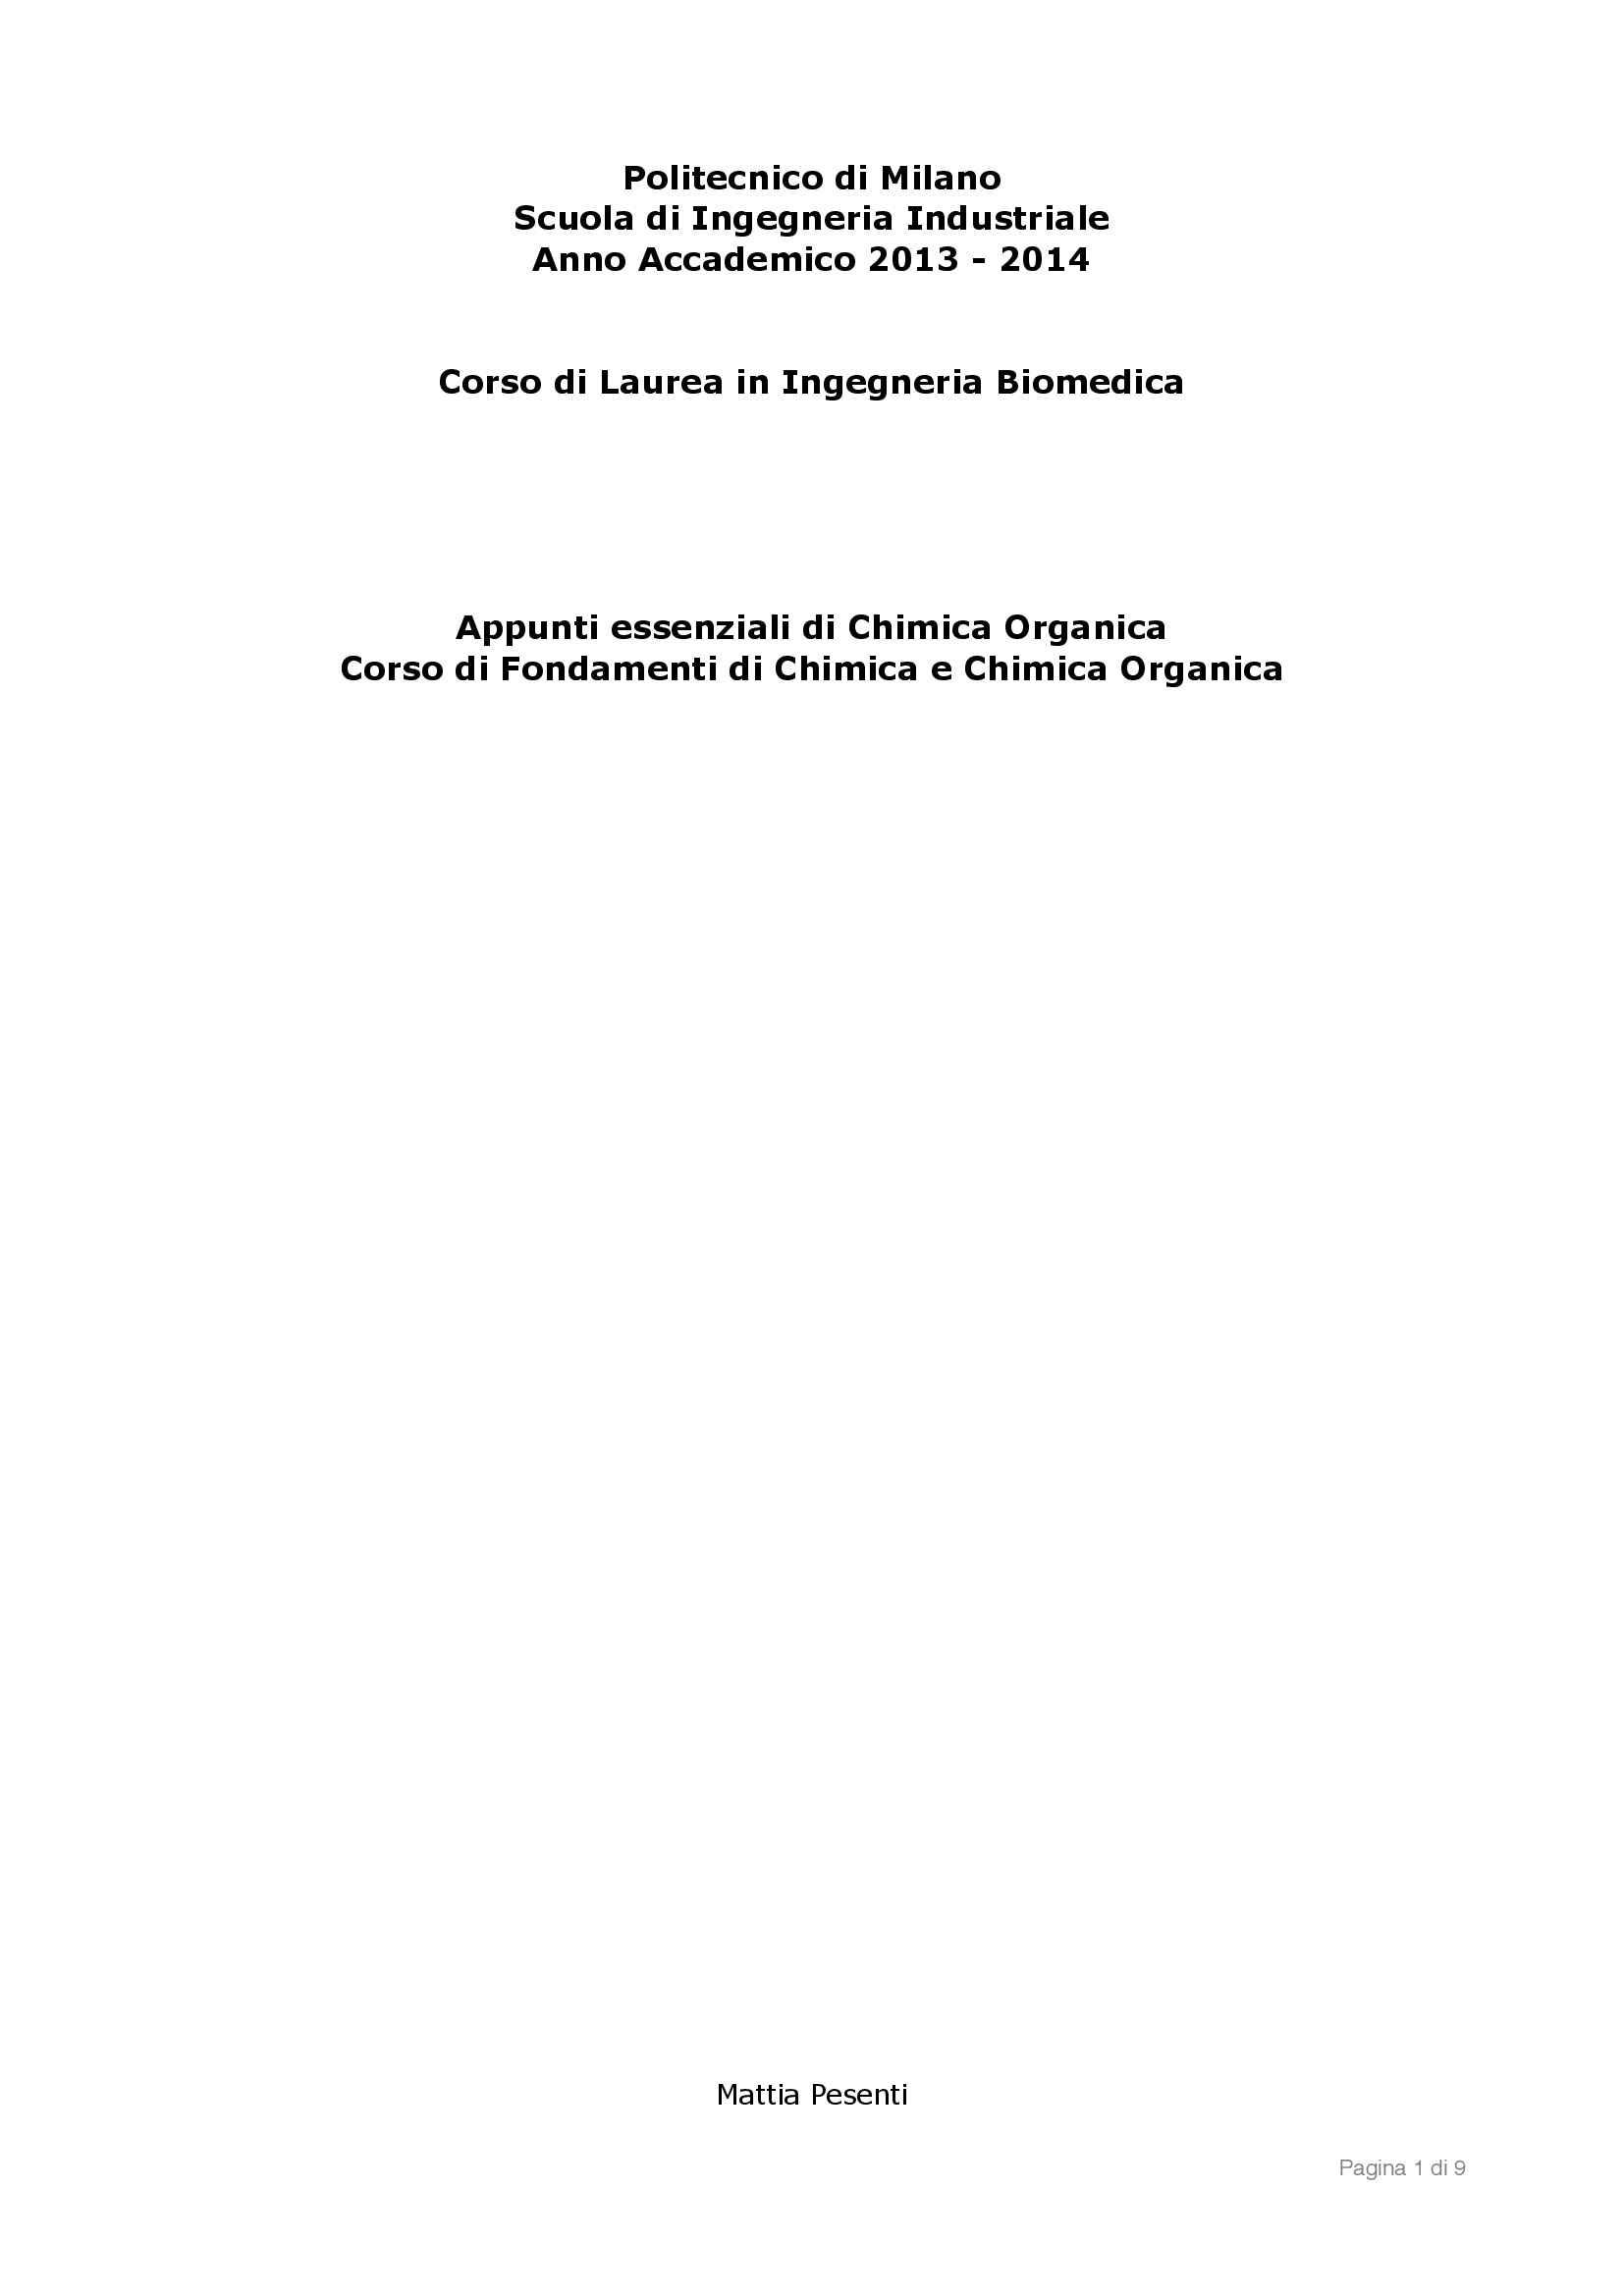 Fondamenti di Chimica organica - reattività organica